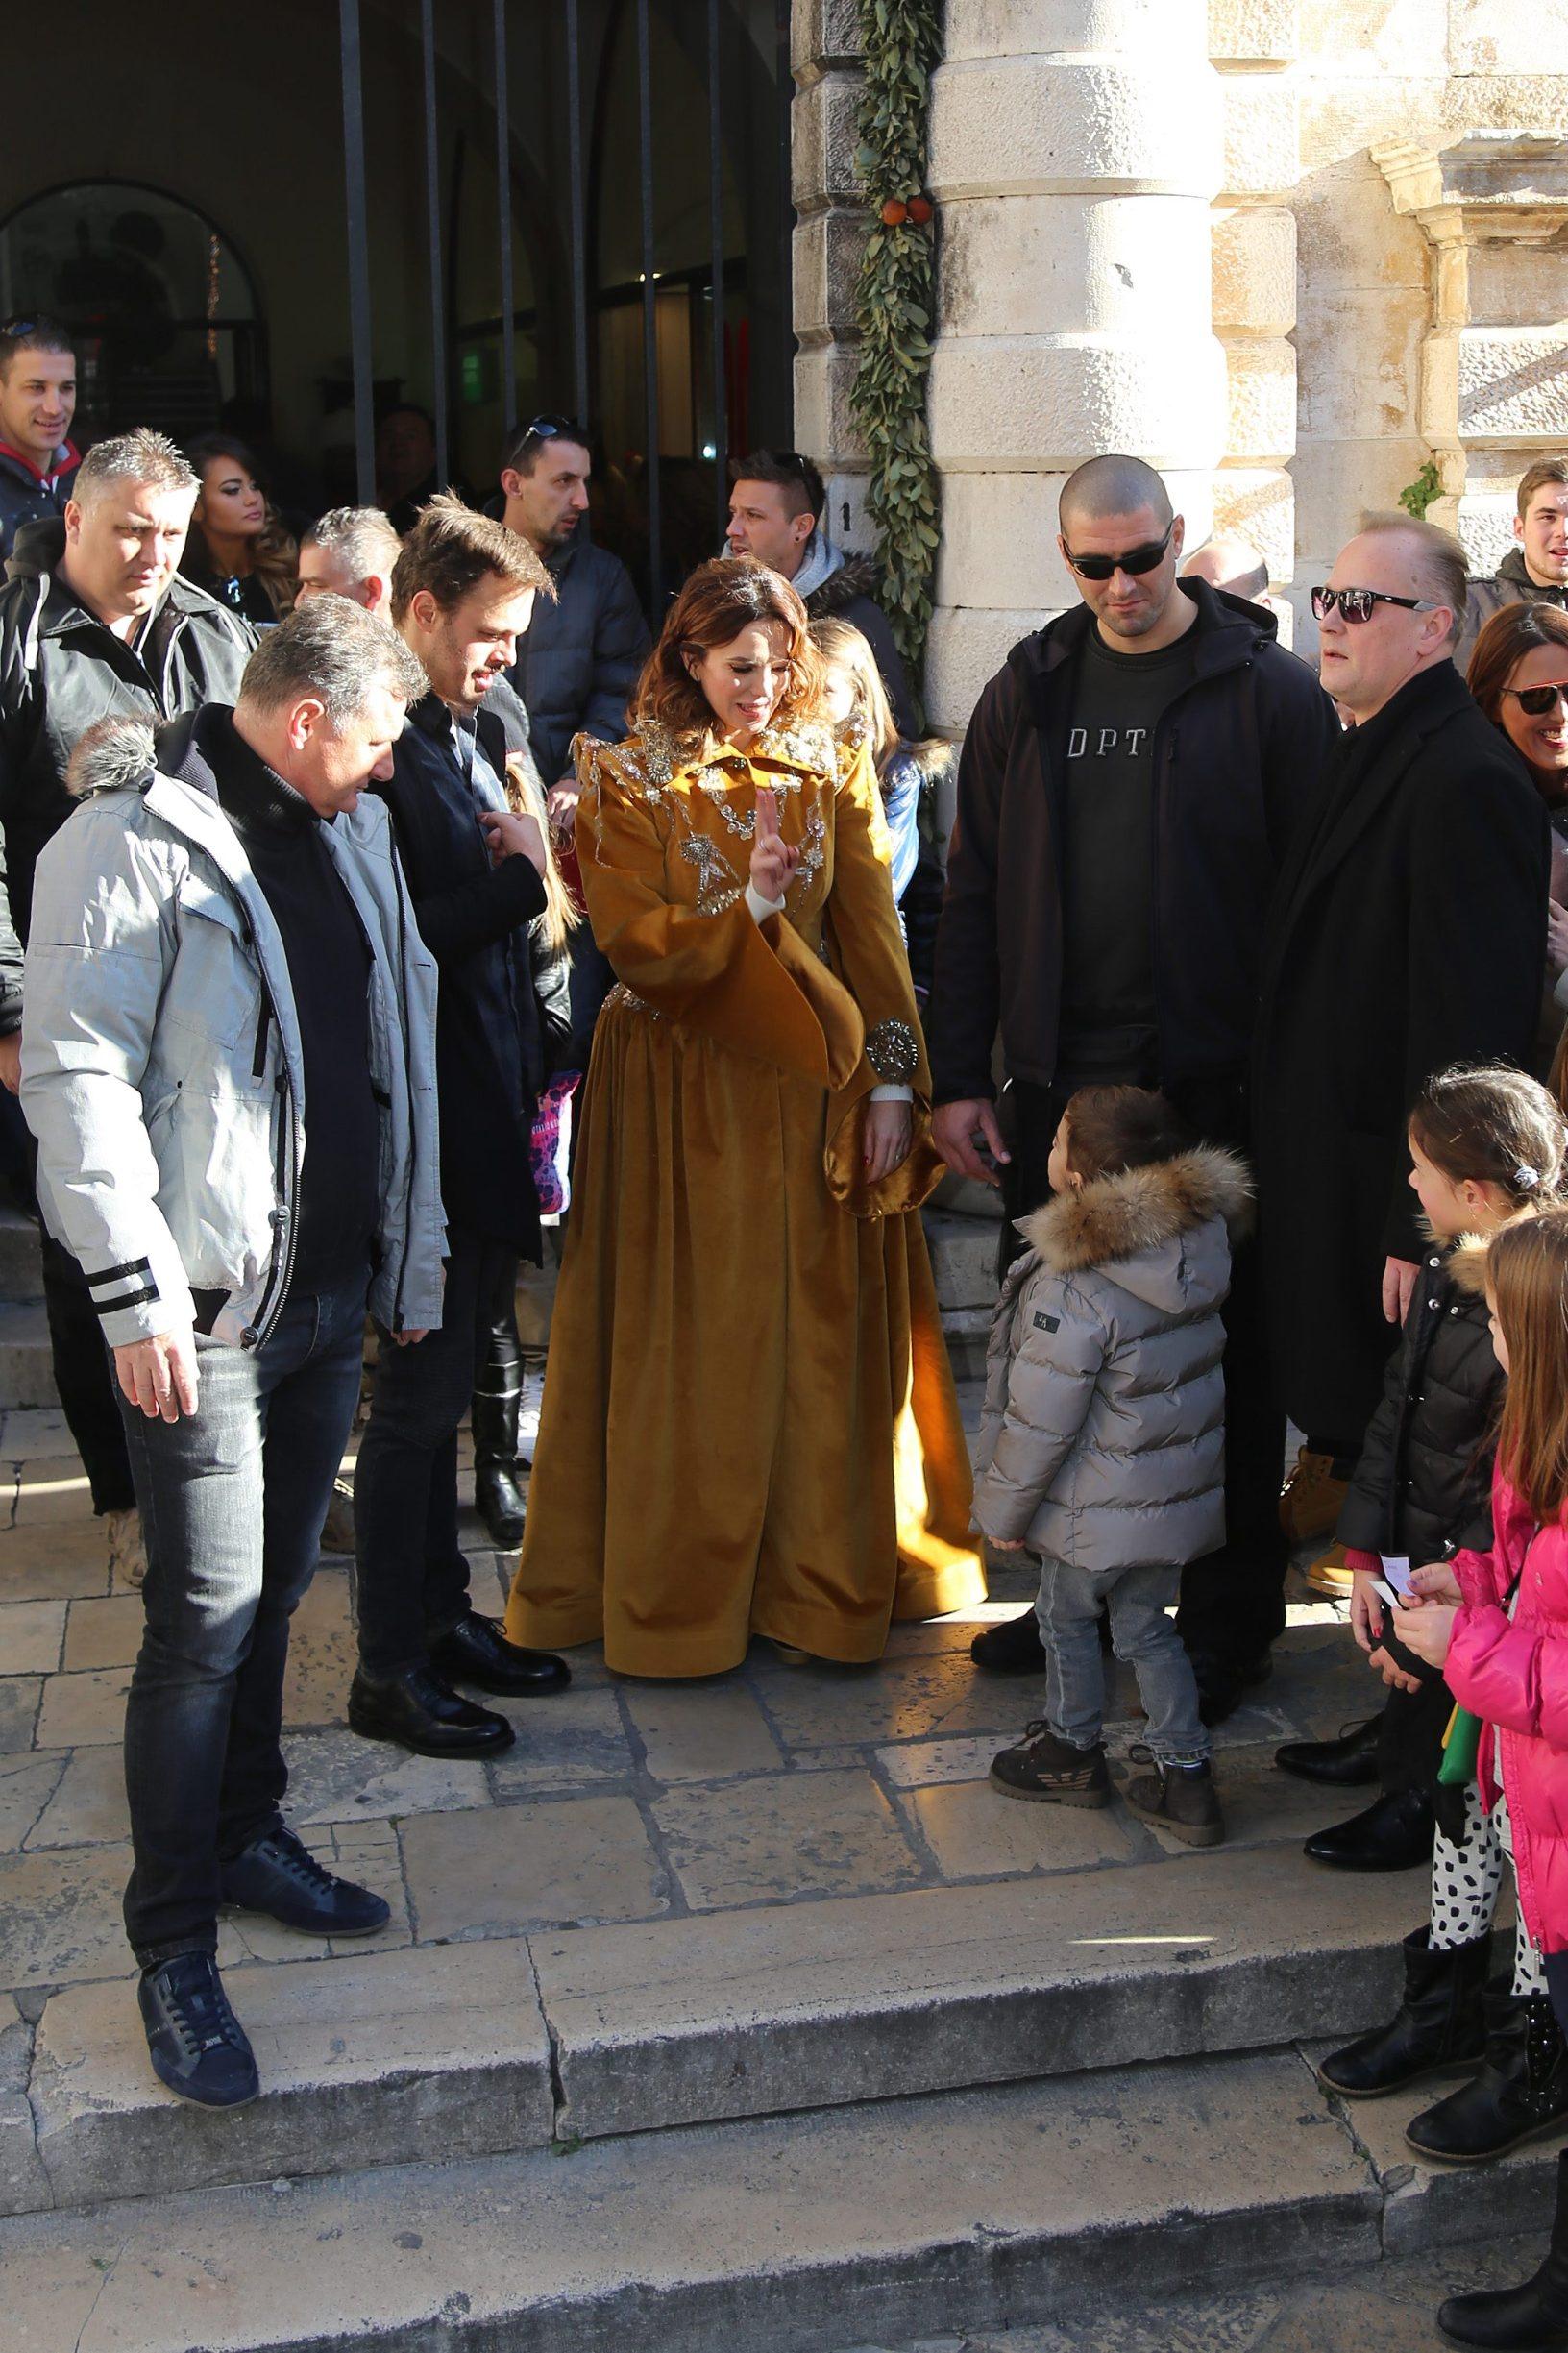 Dubrovnik, 311215. Kao uvertira u vecerasnji docek Nove godine na prepunom Stradunu odrzan je Djecji docek Nove godine na kojem je najmladju publiku zabavljala Severina Vuckovic. Foto: Niksa Duper / CROPIX